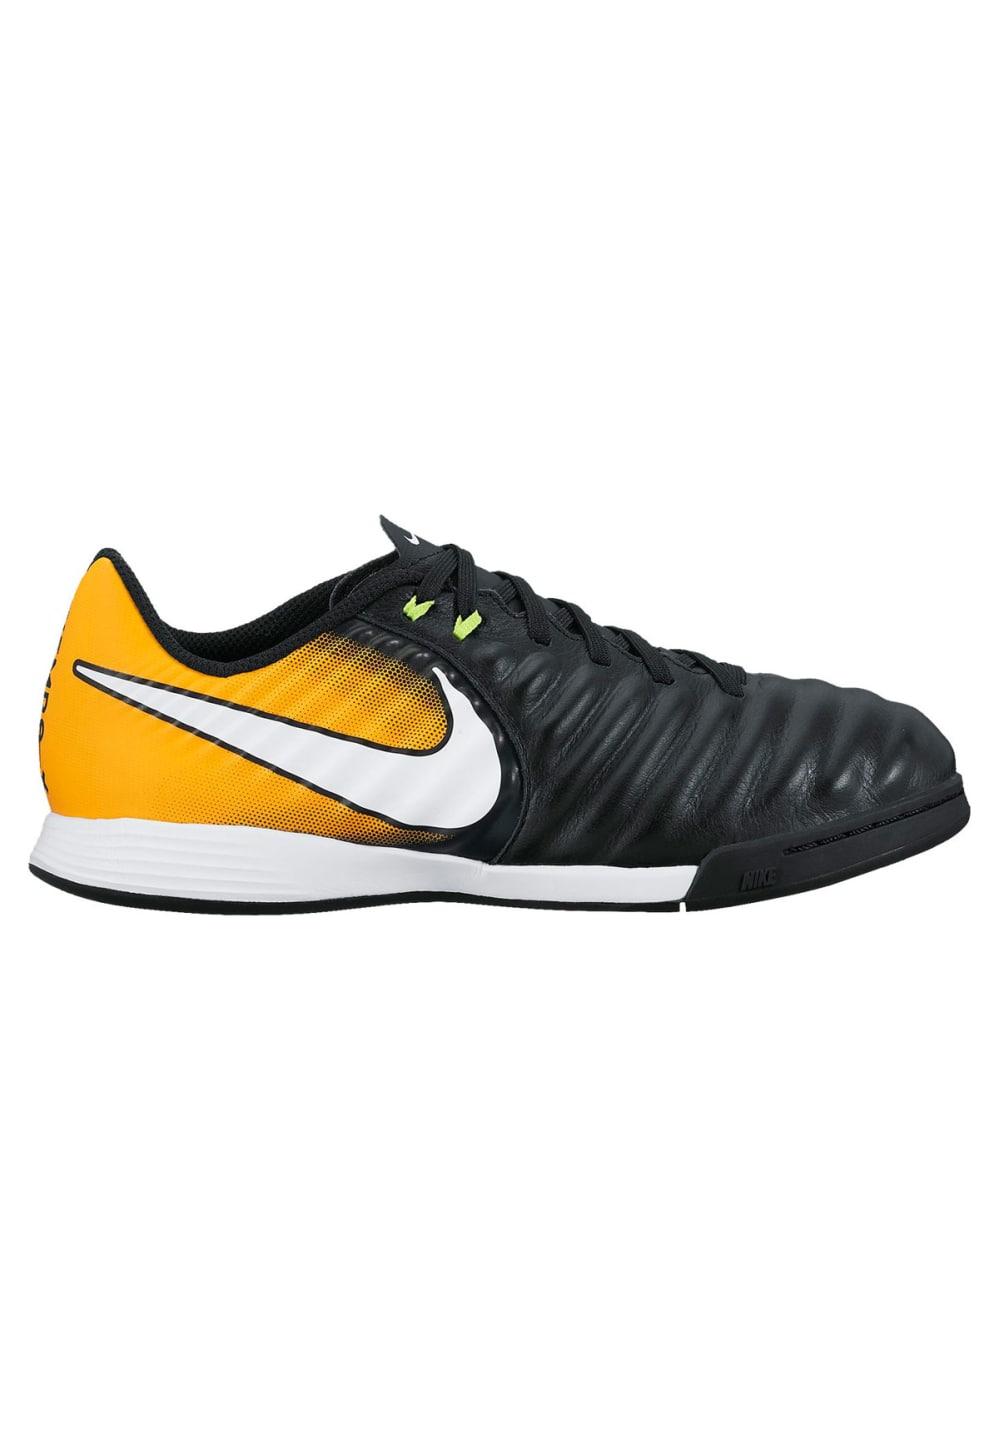 Nike Jr. TiempoX Ligera IV IC - Fußballschuhe für Kinder Unisex - Schwarz, Gr.